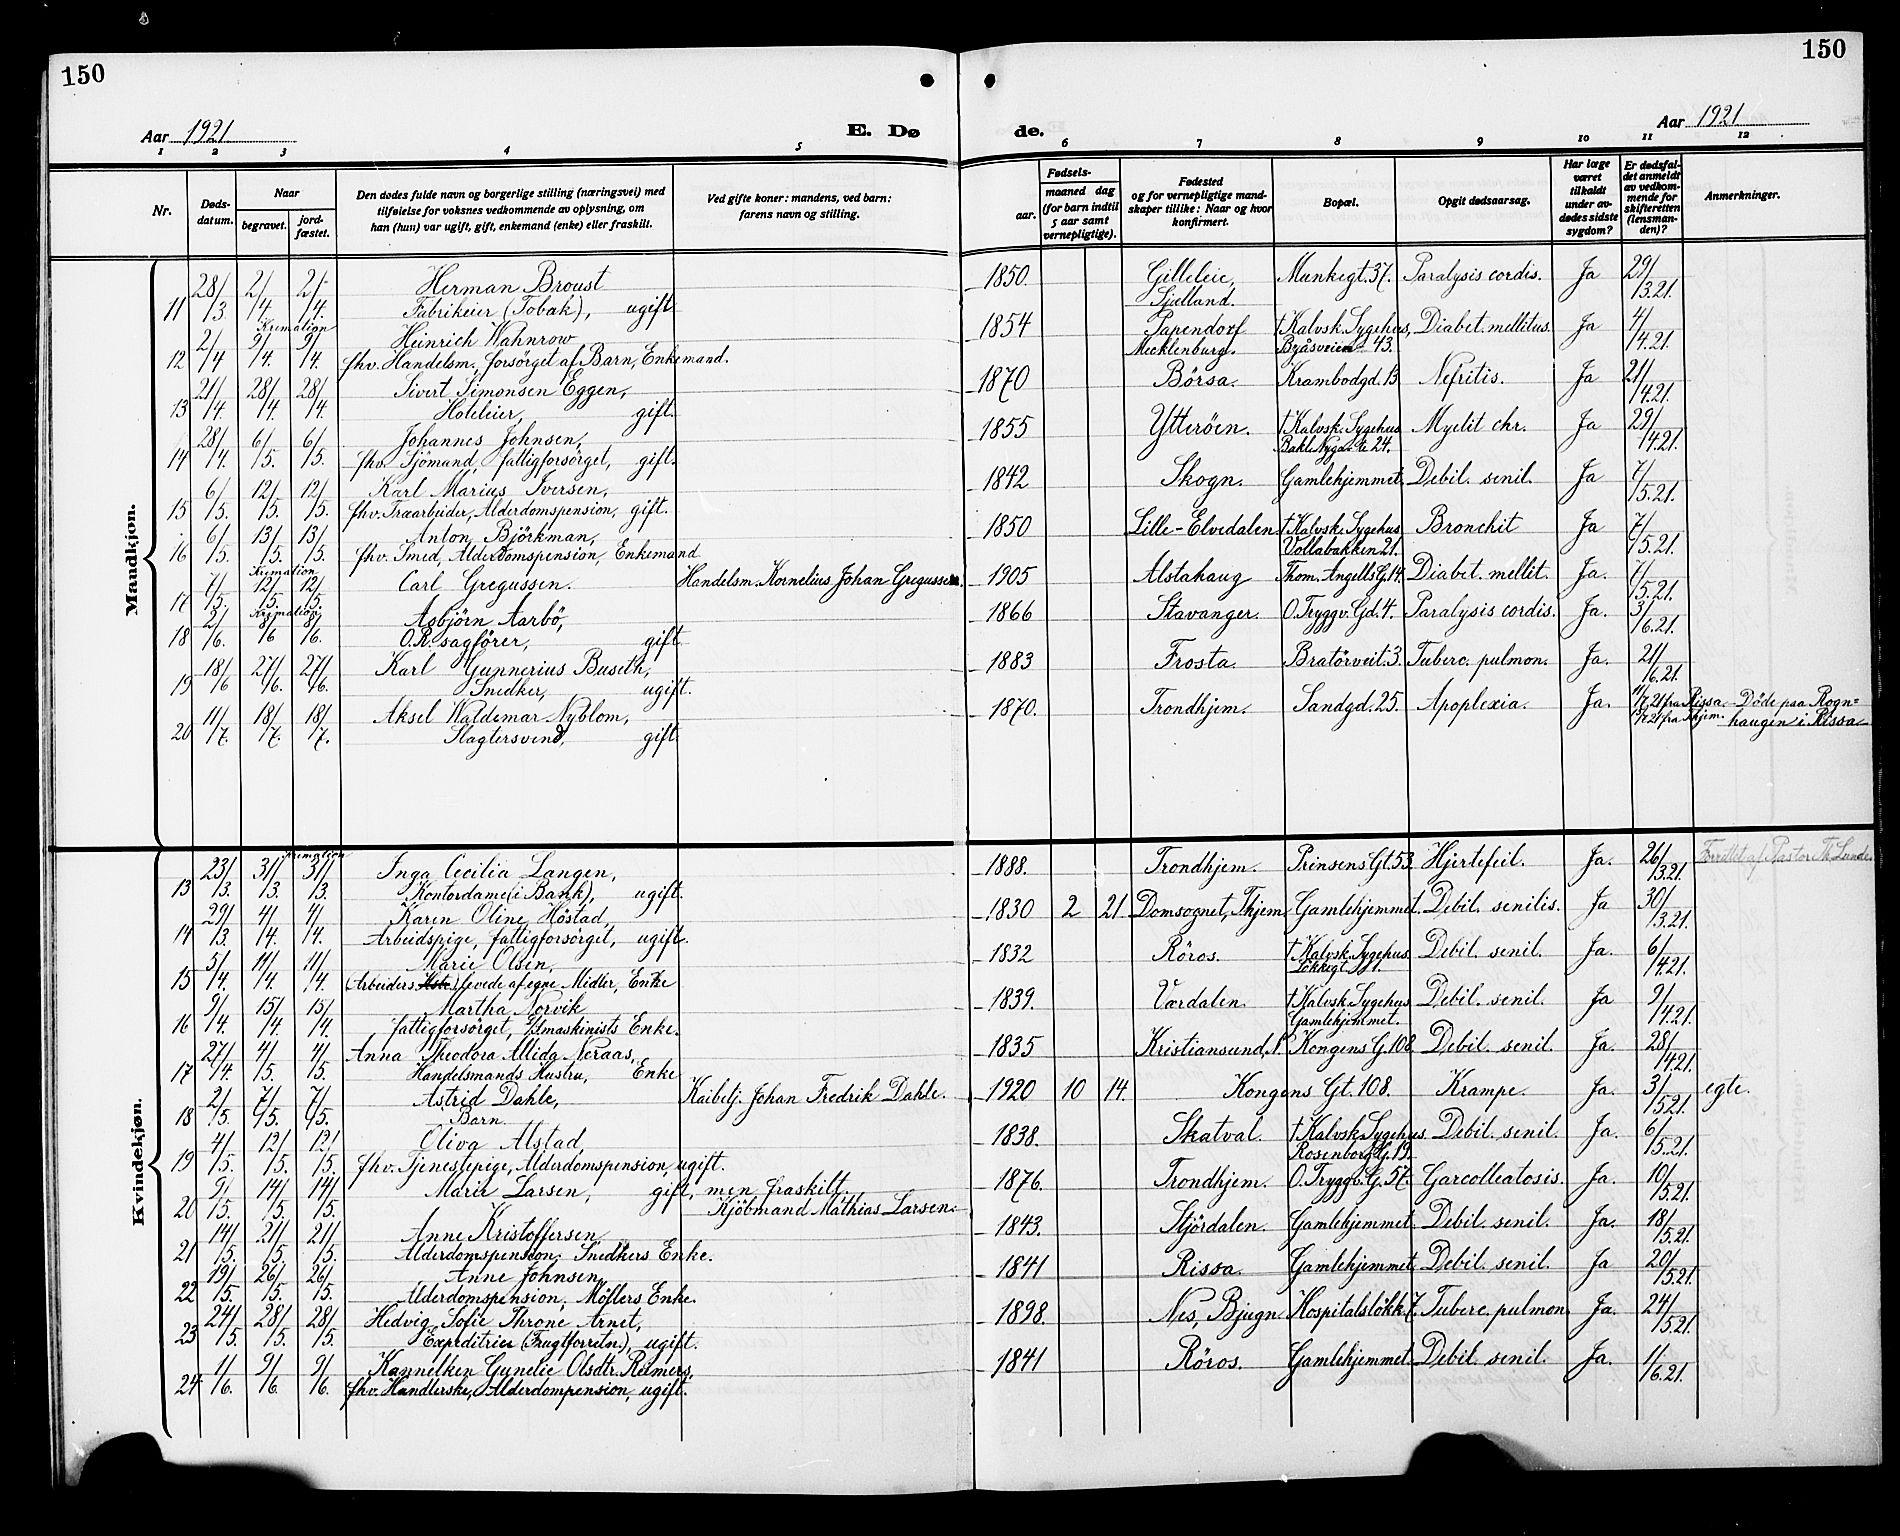 SAT, Ministerialprotokoller, klokkerbøker og fødselsregistre - Sør-Trøndelag, 602/L0147: Klokkerbok nr. 602C15, 1911-1924, s. 150